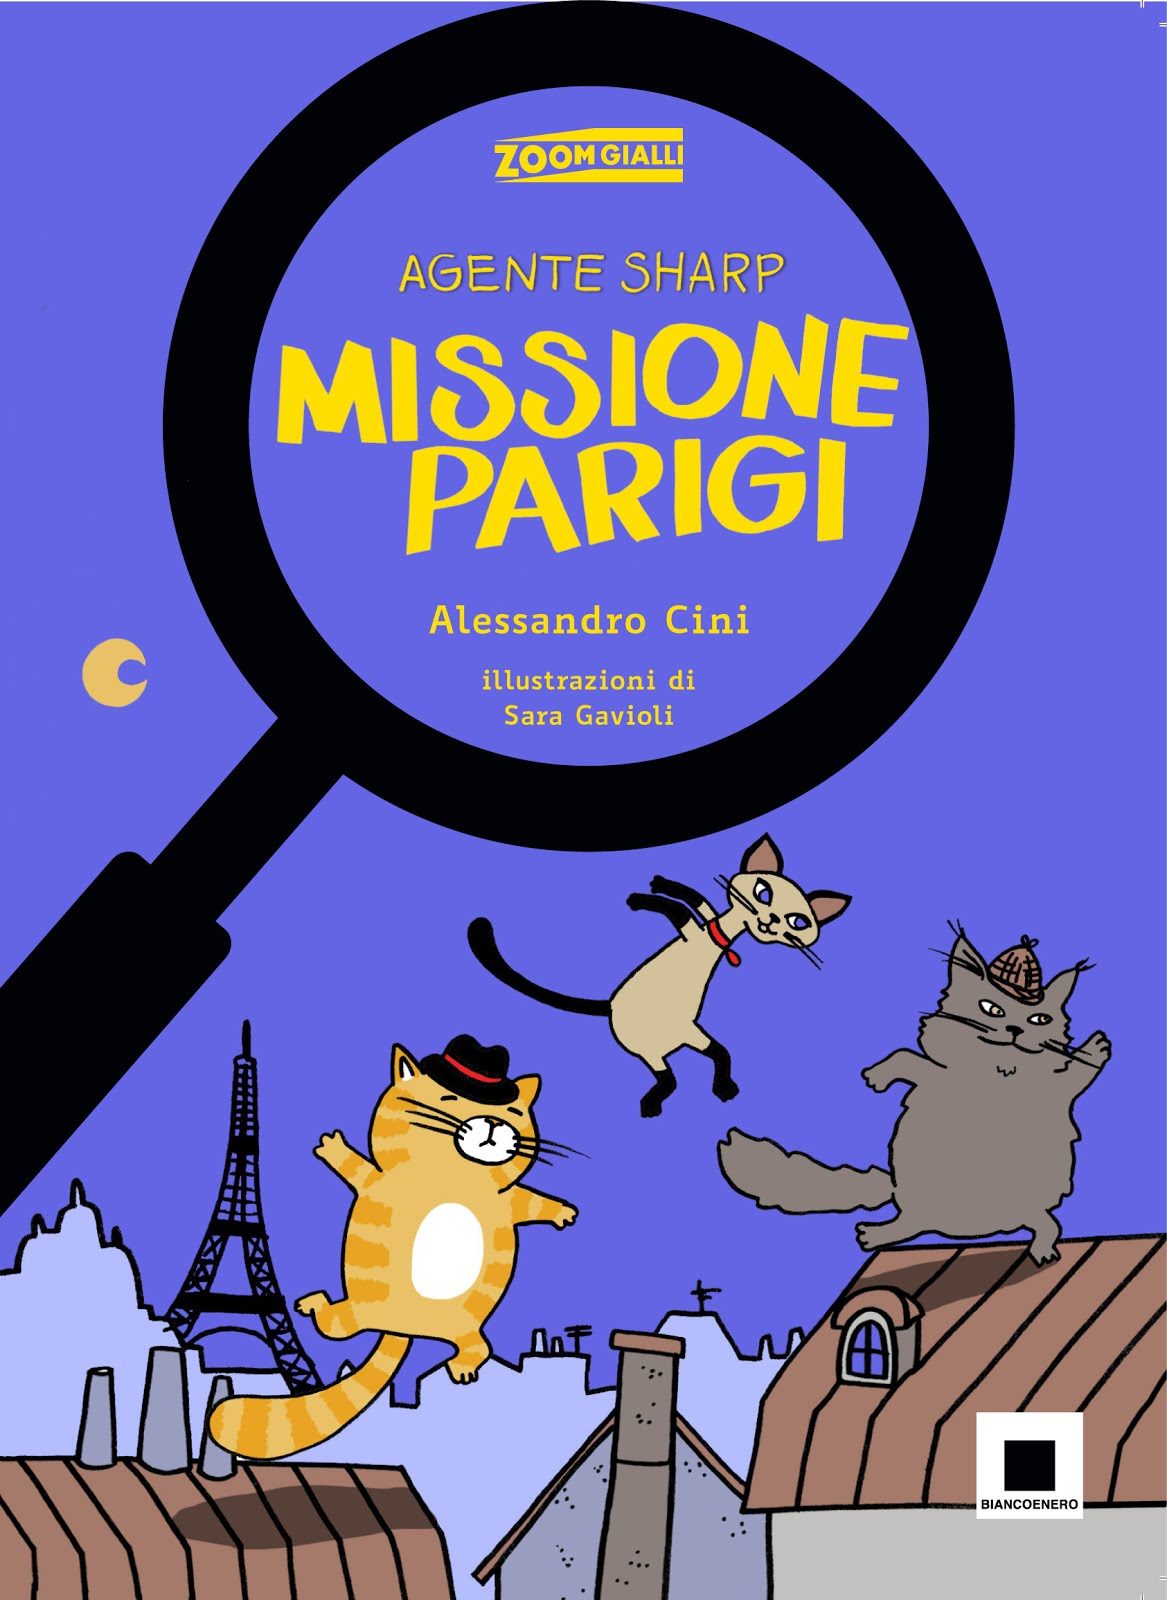 Agente Sharp-Missione Parigi-